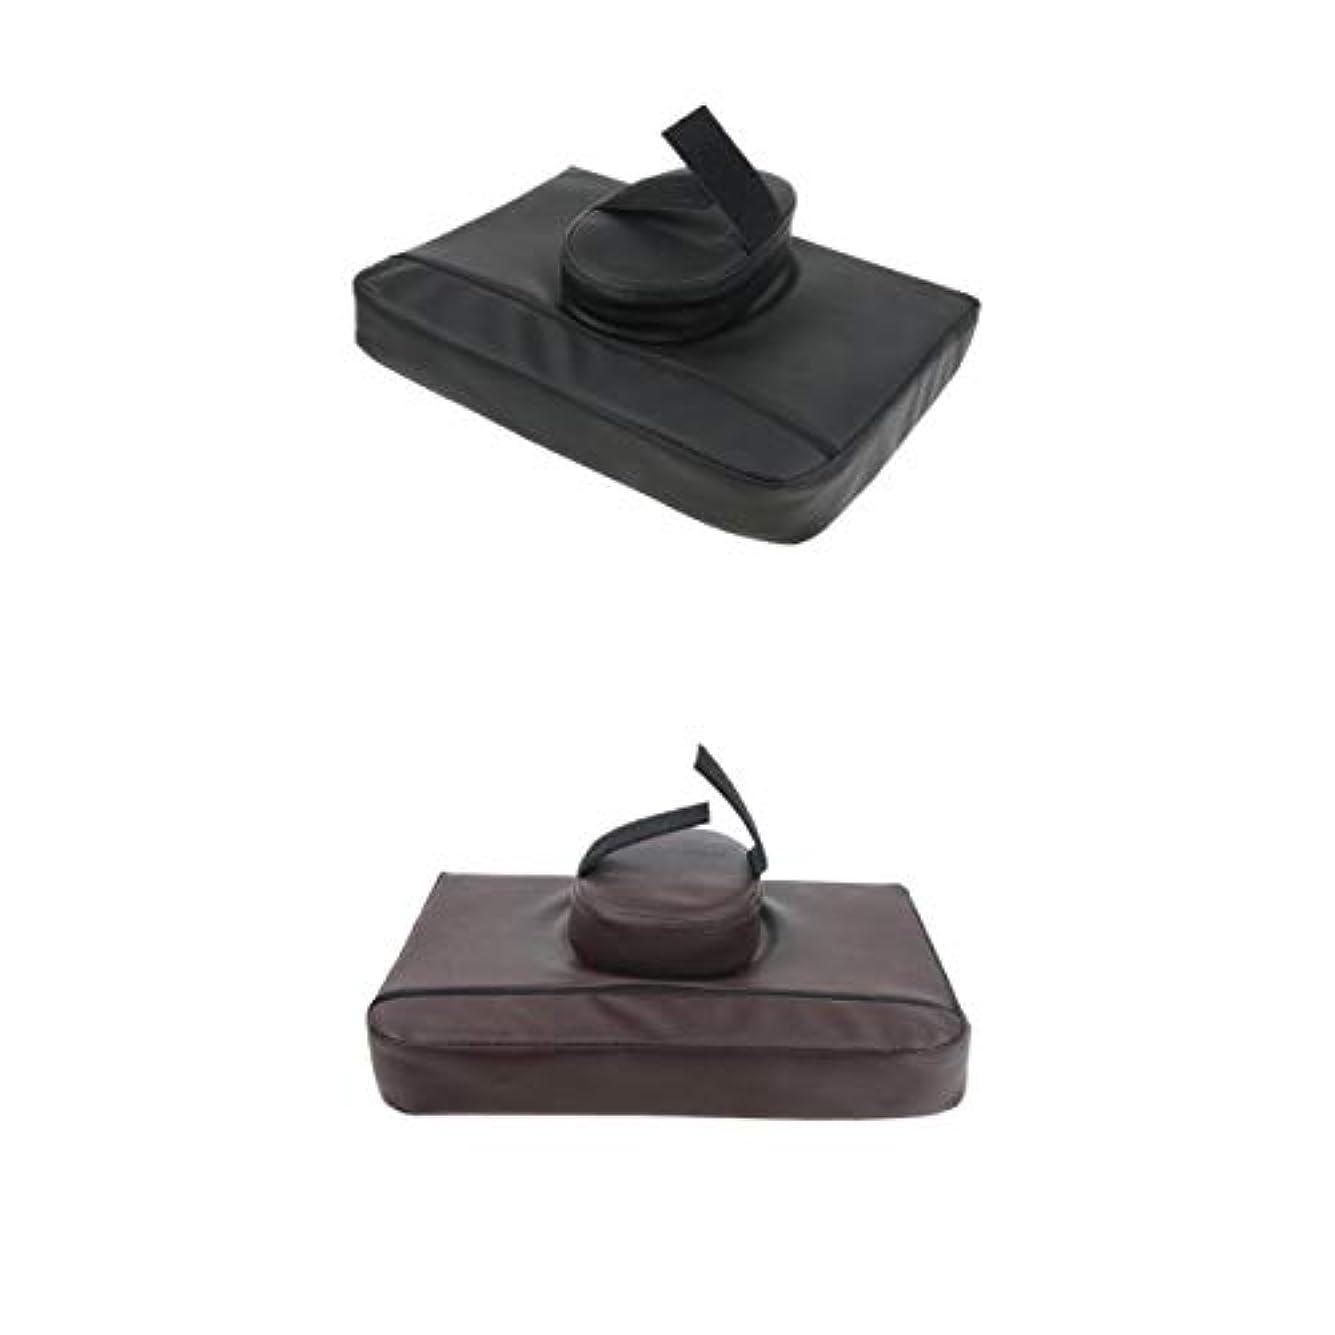 壮大なモットー漏斗Fenteer マッサージクッション マッサージ枕 マッサージピロー スクエア マッサージテーブル用 通気性 2個入